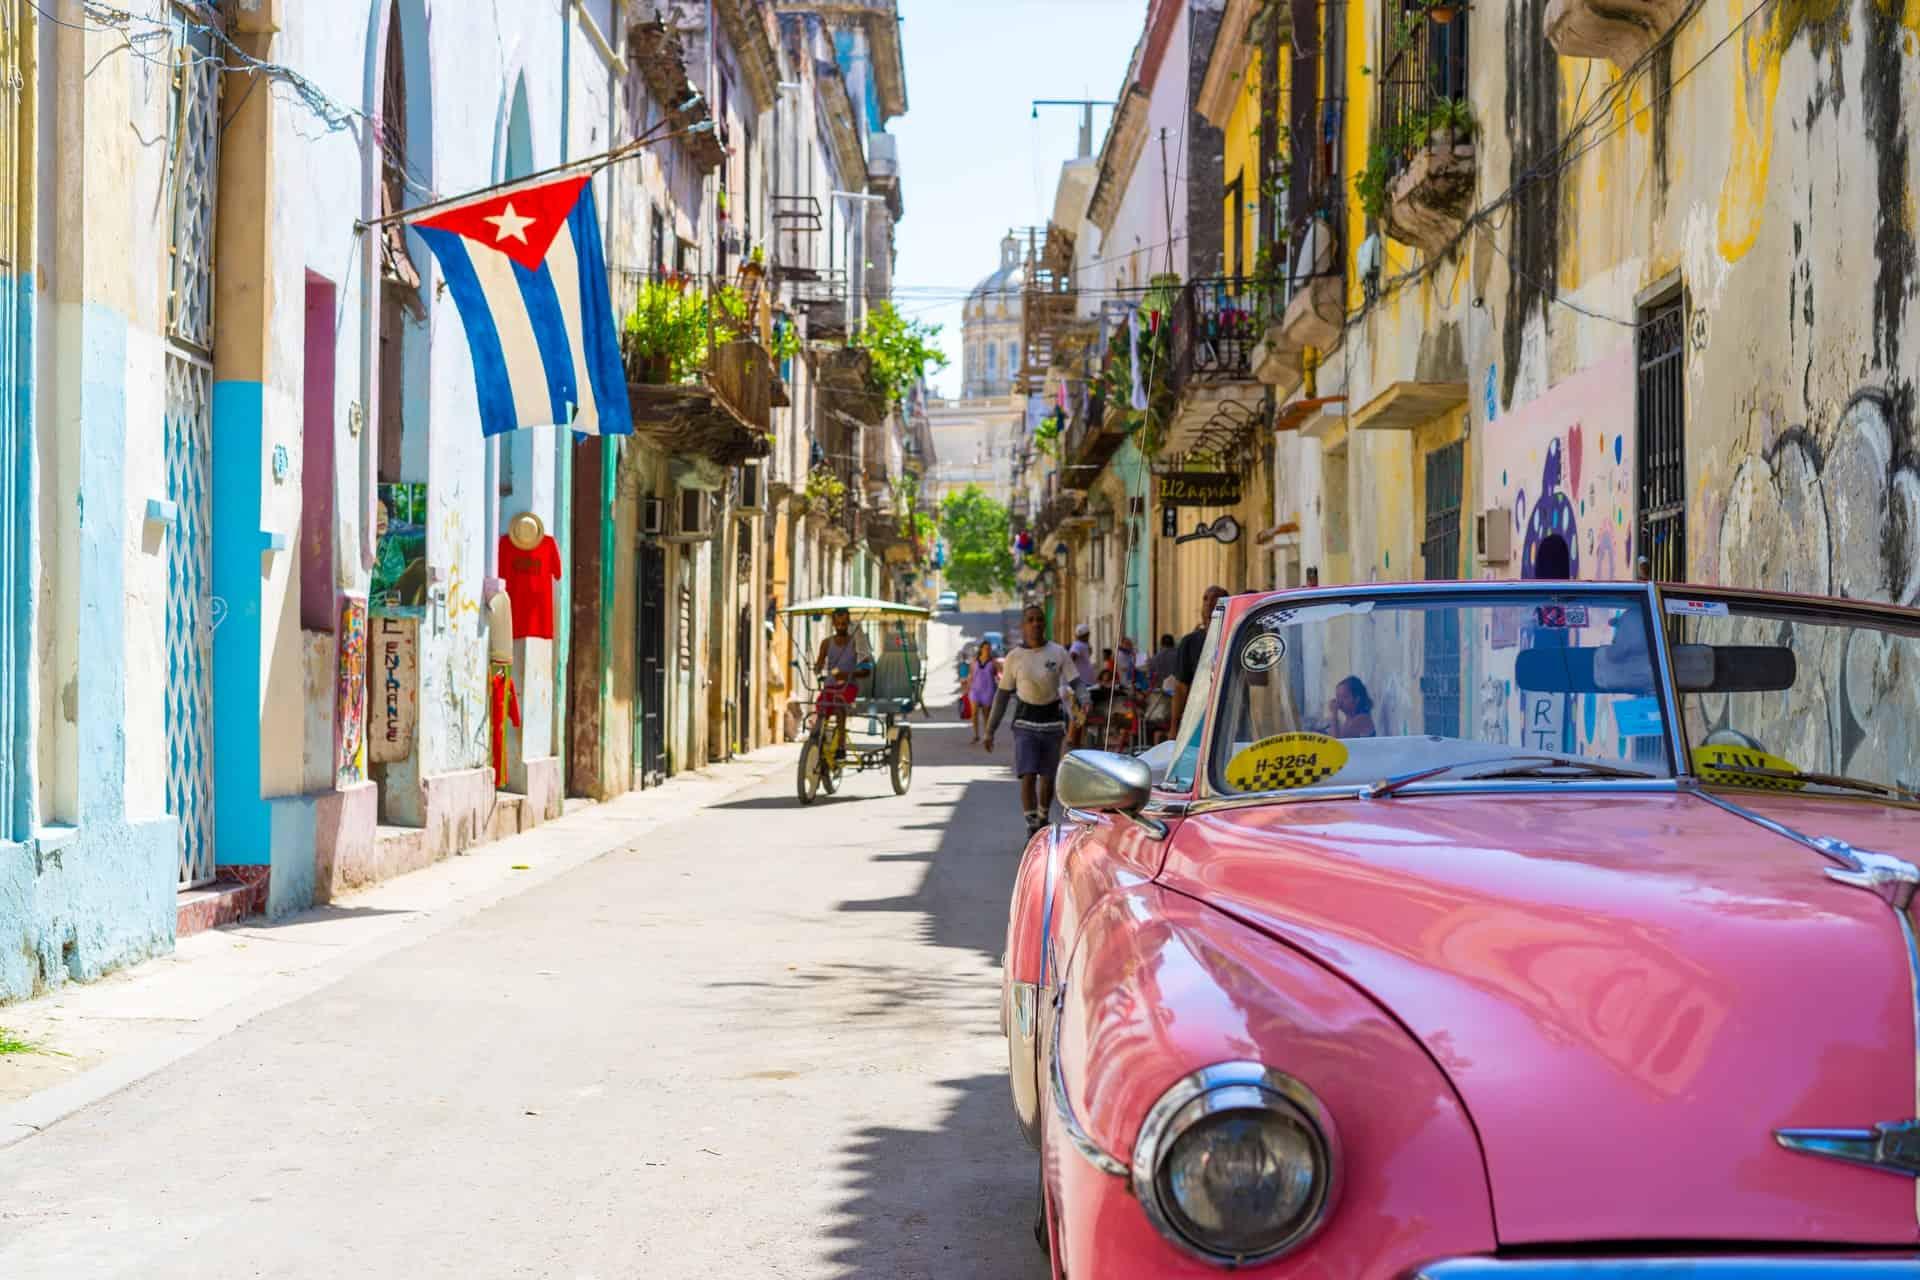 rua de cuba com carro clássico e bandeira